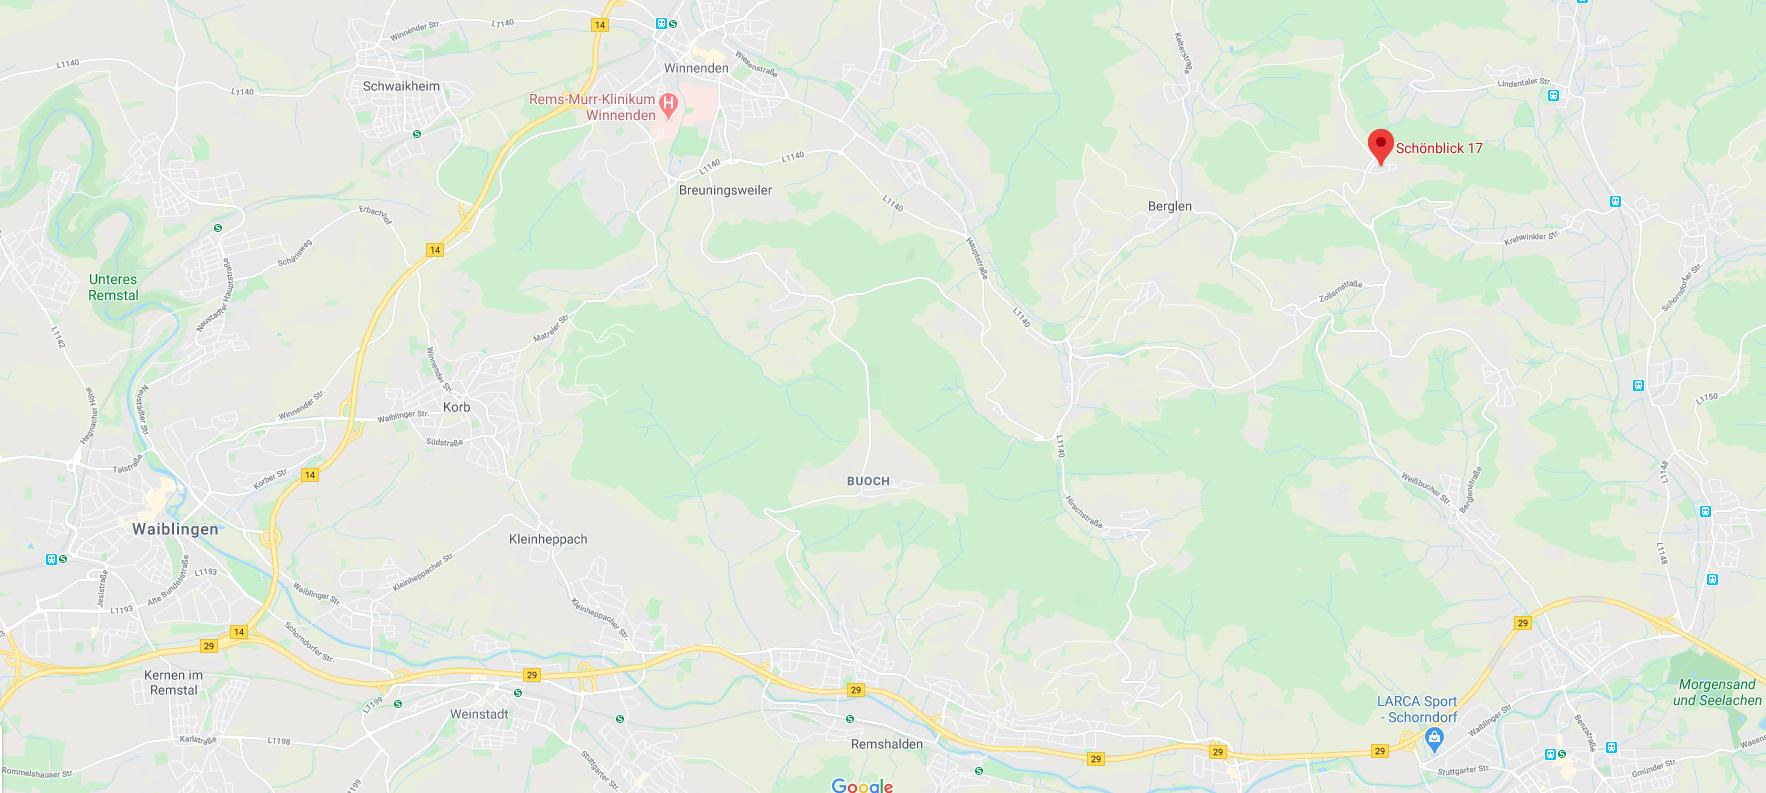 Adolf Föhl GmbH: Maps